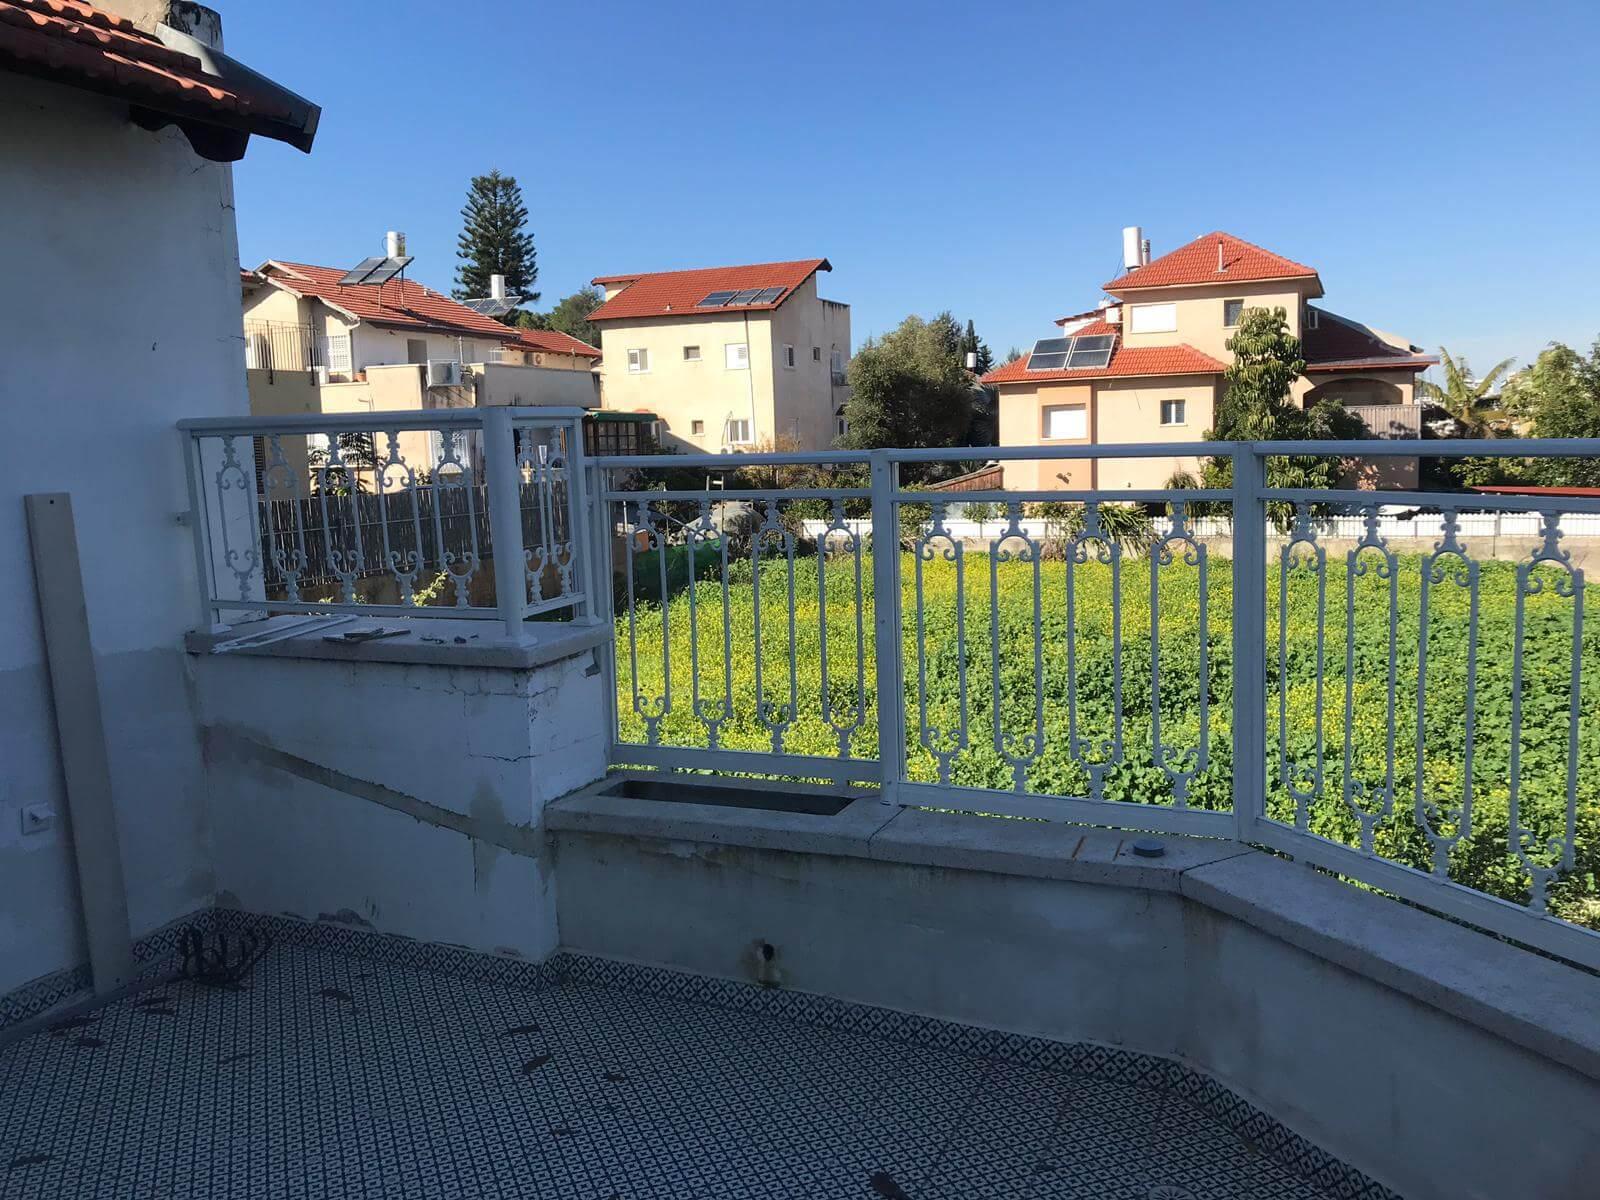 גדרות לבית ולגינה